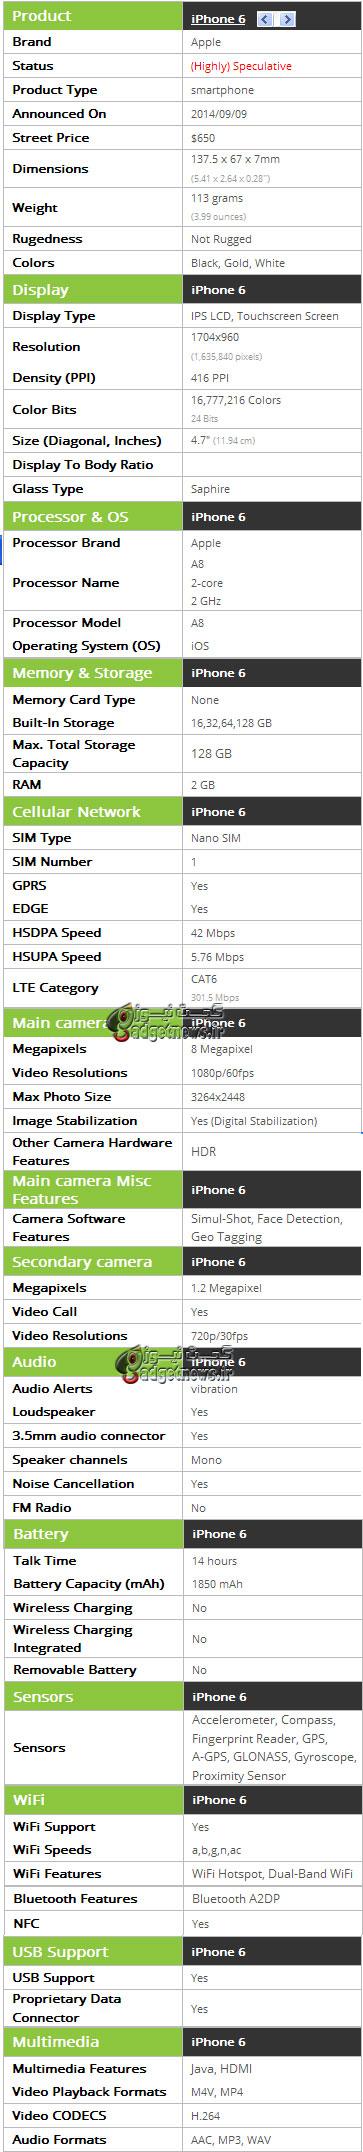 iphone-6-spec